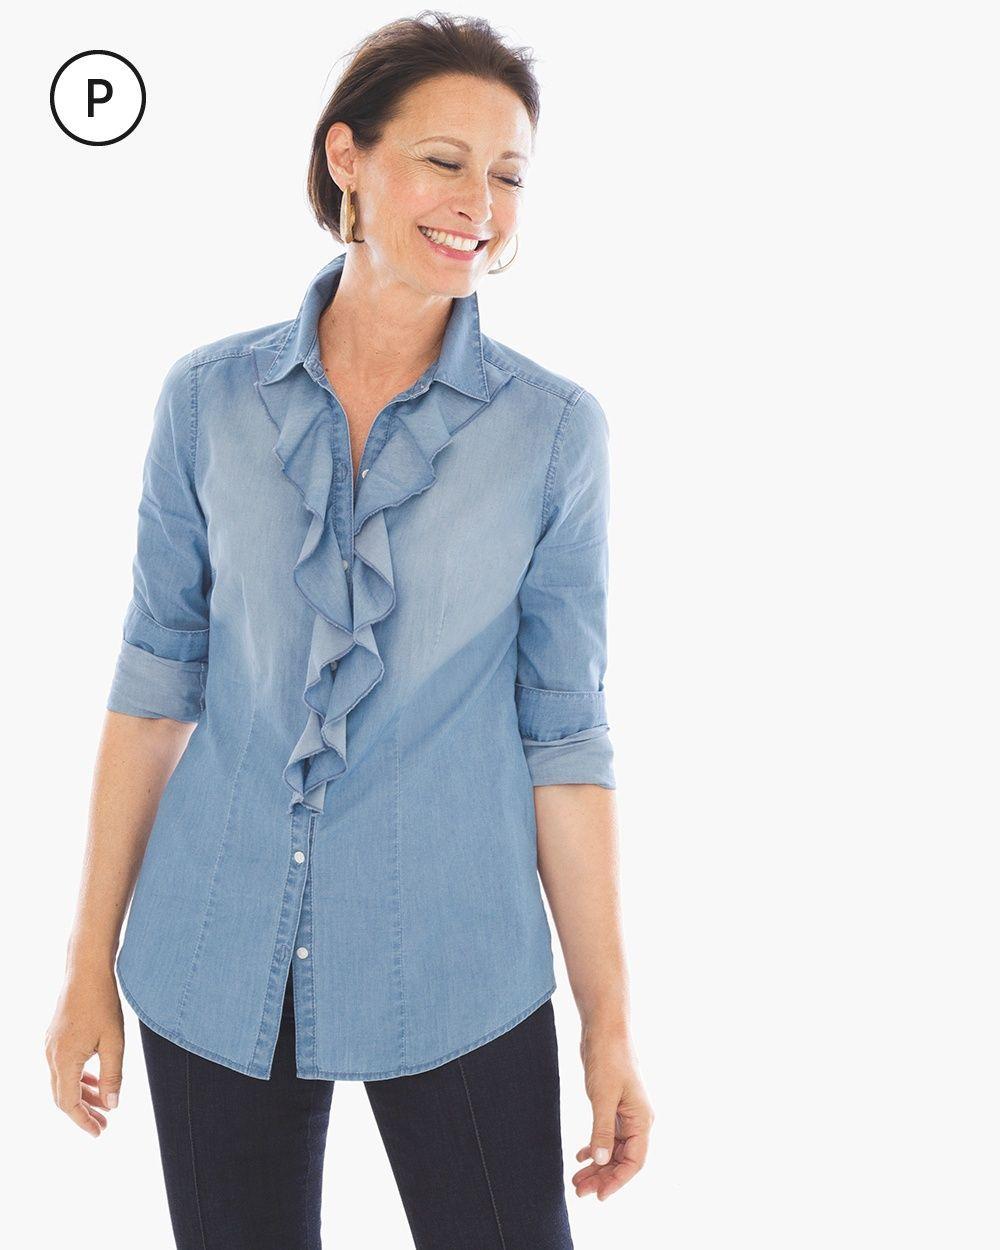 3625e14190 Chico s Women s Petite Ruffled Denim Shirt